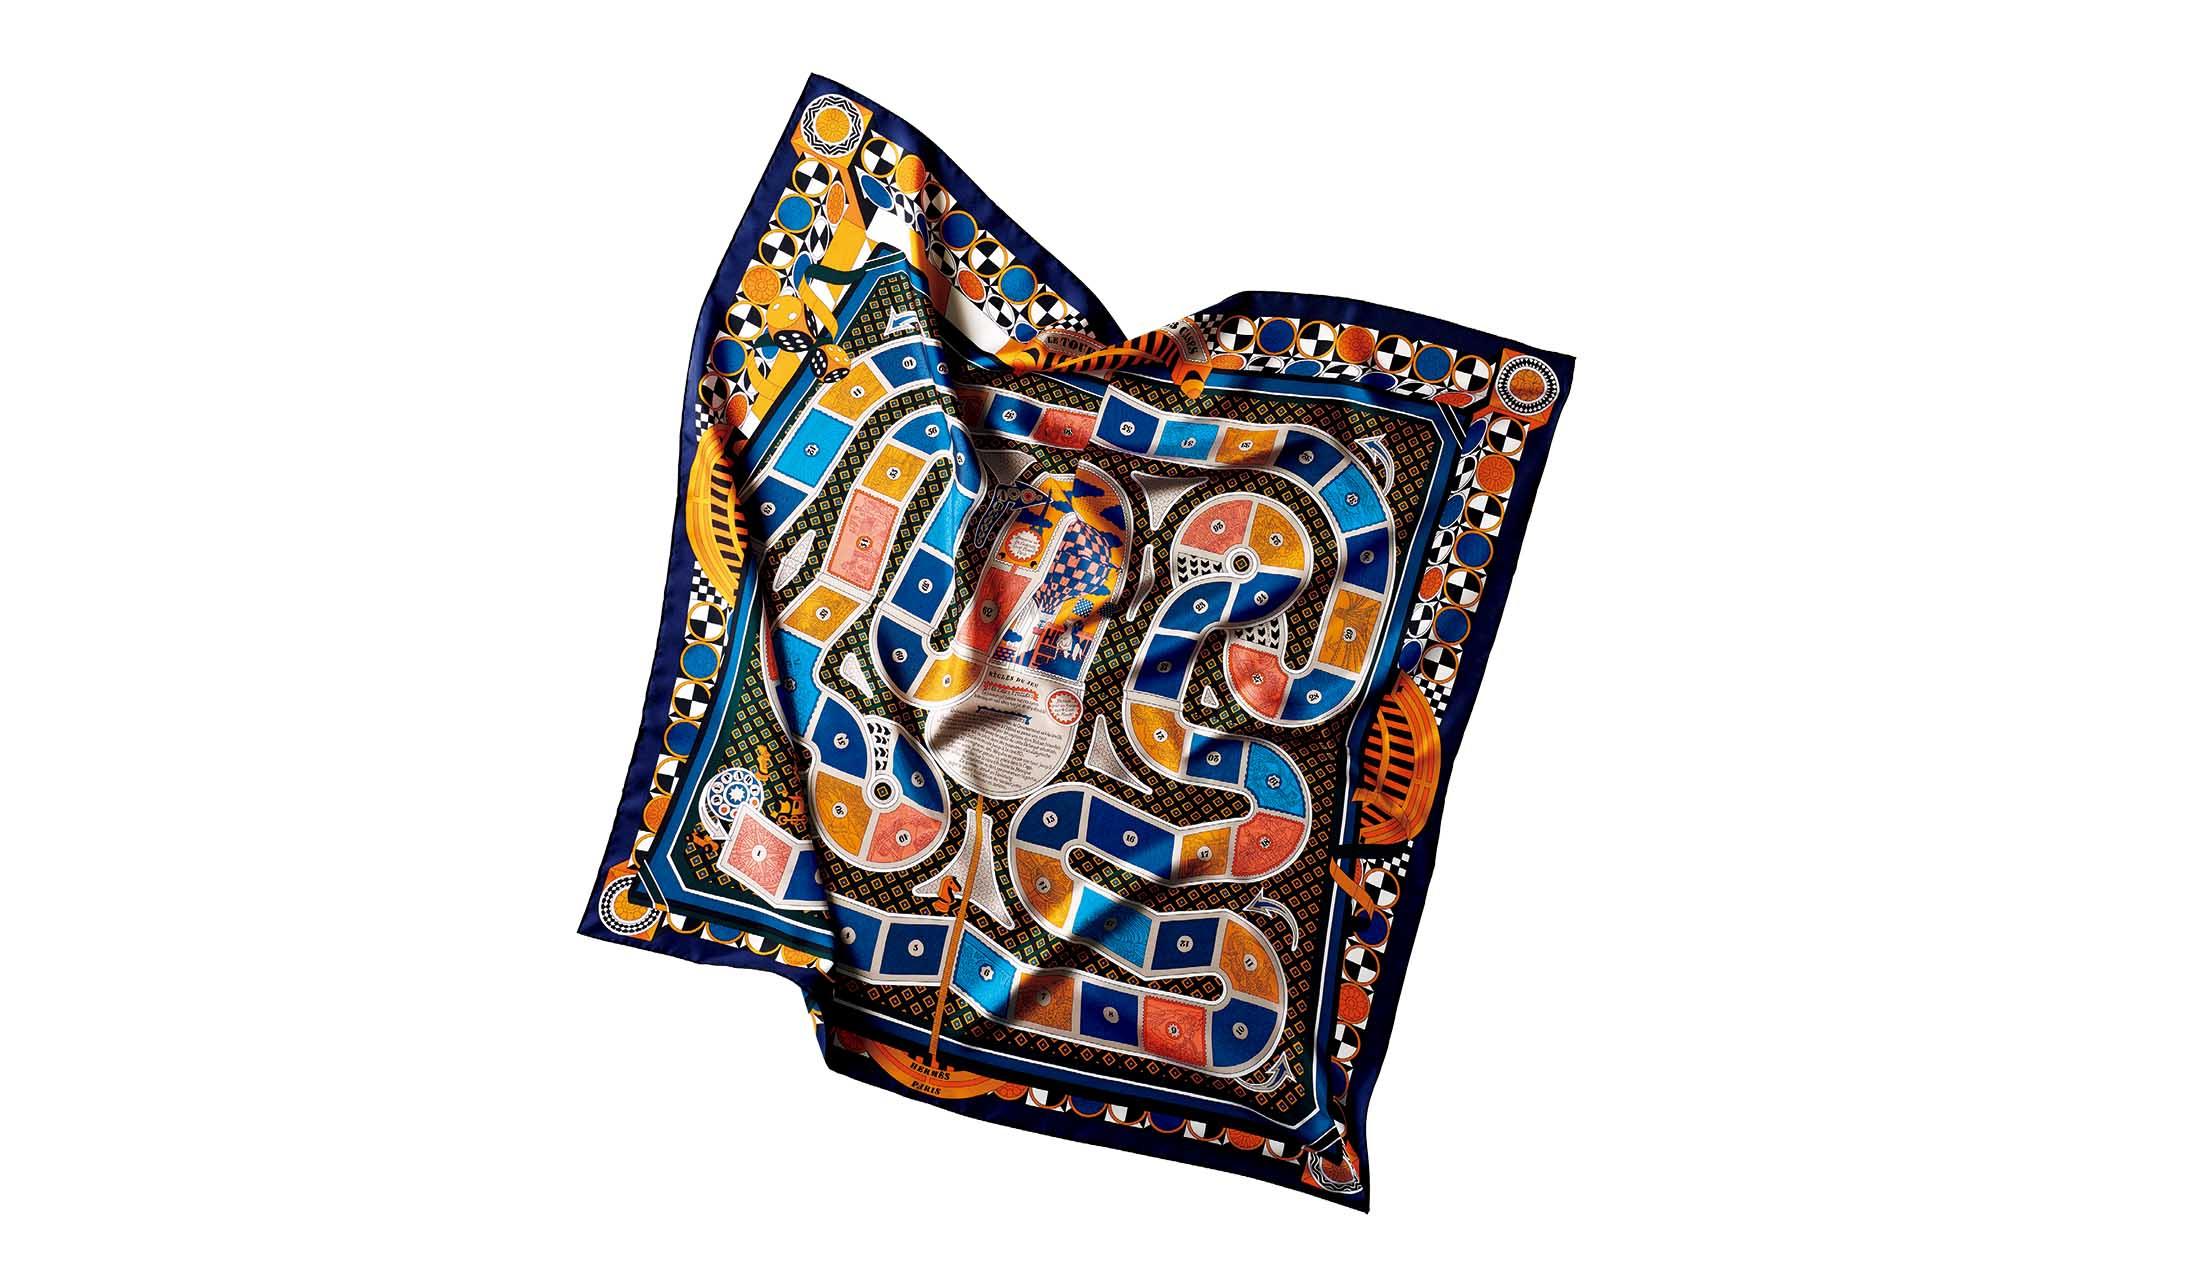 エルメスのスカーフ「カレ 90『63マスの世界旅行』」